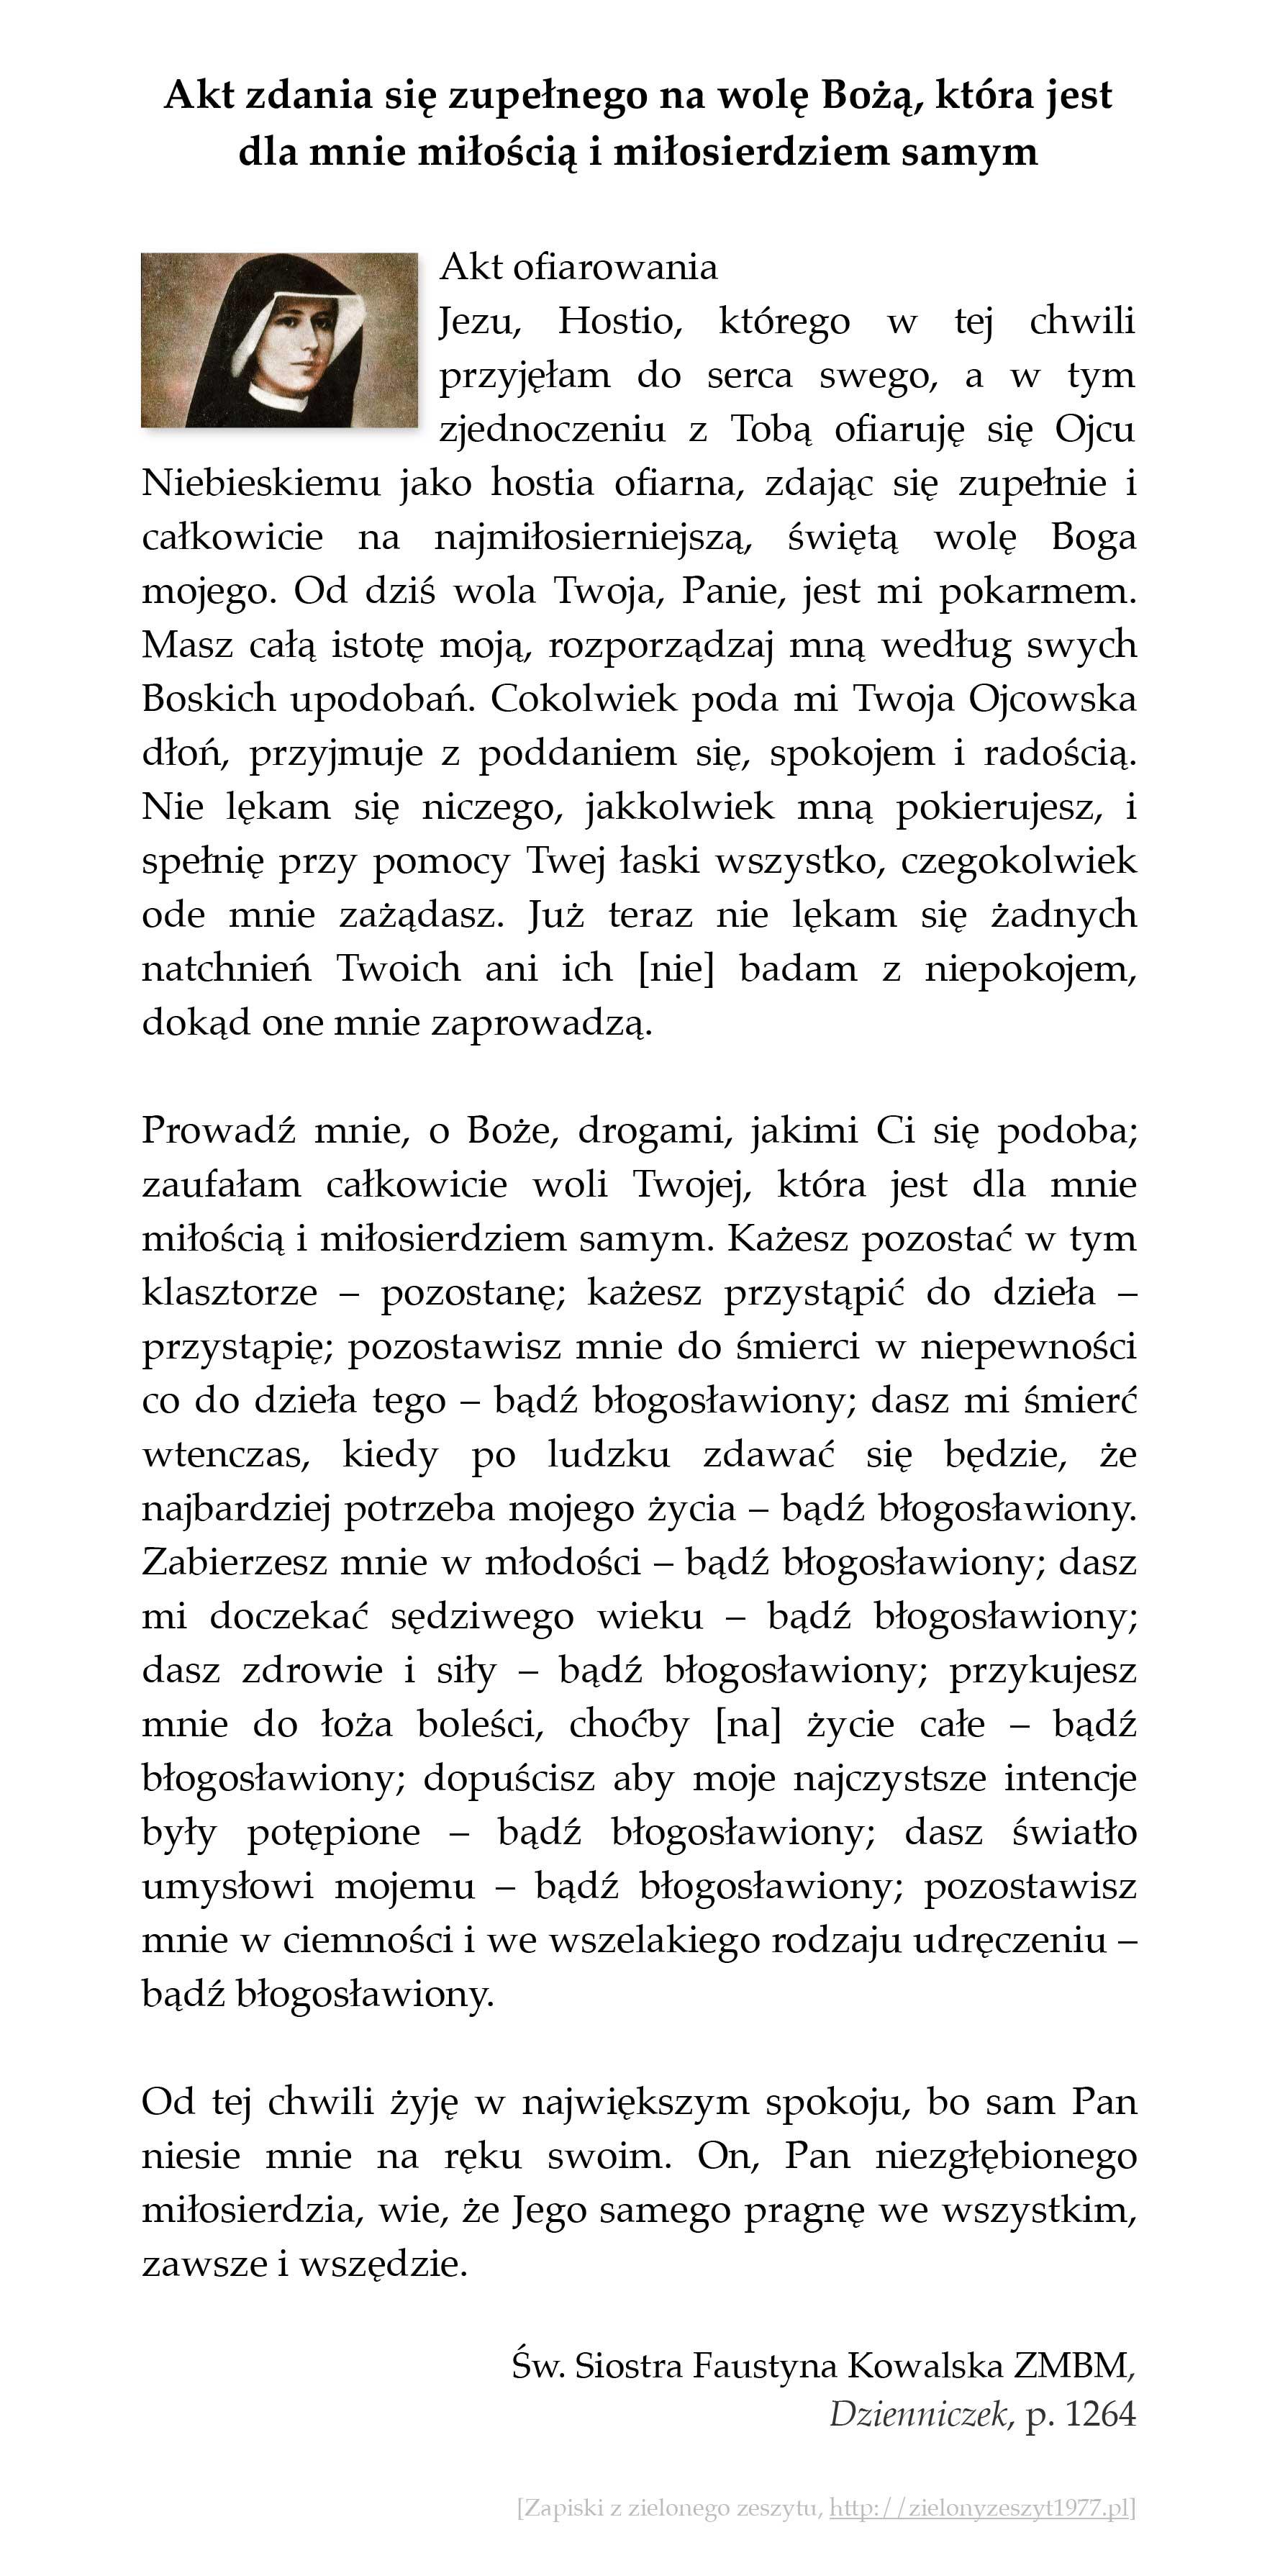 Akt zdania się zupełnego na wolę Bożą, która jest dla mnie miłością i miłosierdziem samym; św. Faustyna Kowalska